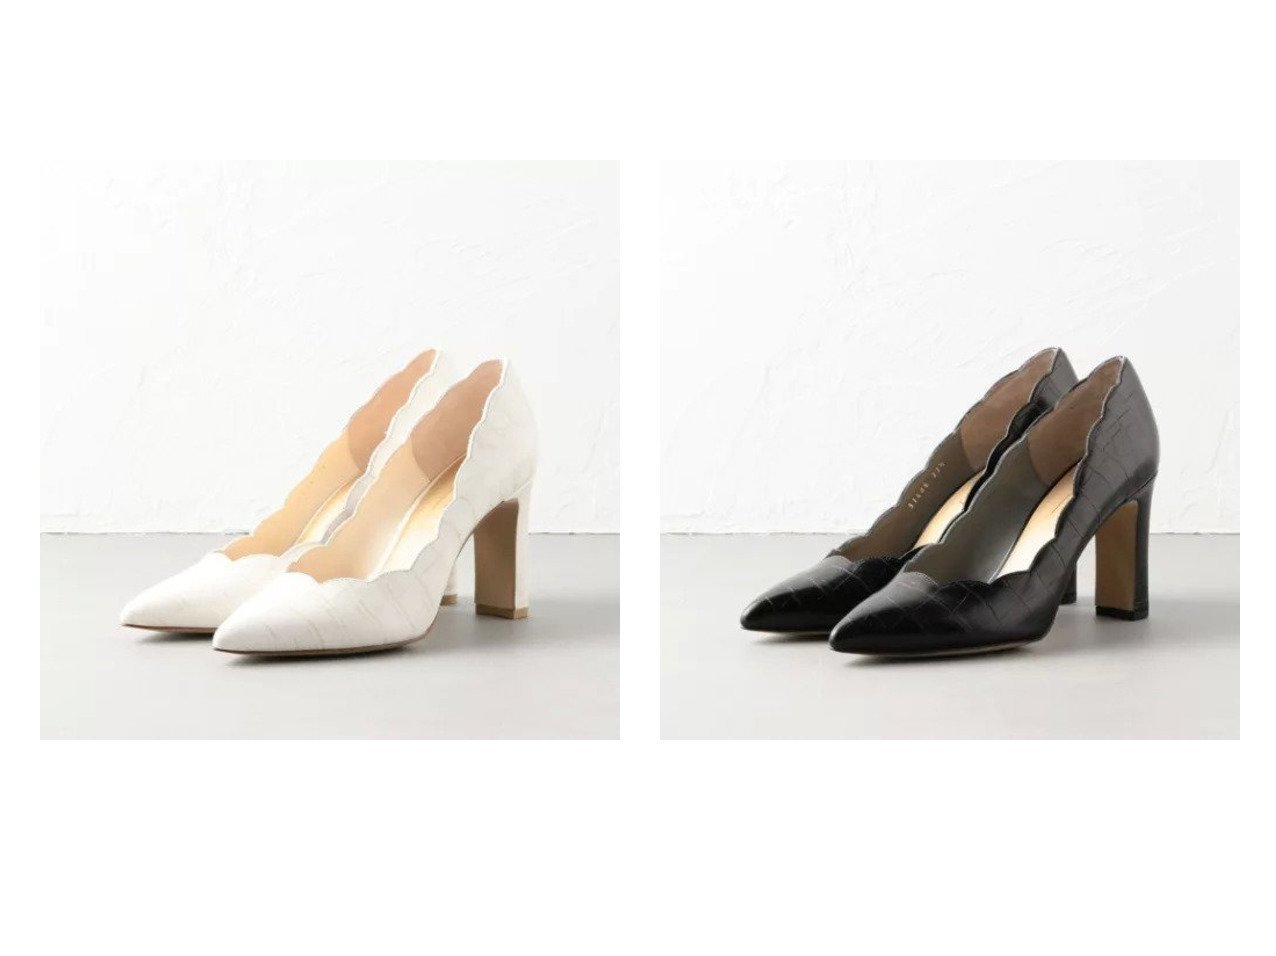 【Odette e Odile/オデット エ オディール】のOID スカラップ パンプス85↓↑ シューズ・靴のおすすめ!人気、トレンド・レディースファッションの通販  おすすめで人気の流行・トレンド、ファッションの通販商品 メンズファッション・キッズファッション・インテリア・家具・レディースファッション・服の通販 founy(ファニー) https://founy.com/ ファッション Fashion レディースファッション WOMEN シューズ スカラップ ストレート |ID:crp329100000019266